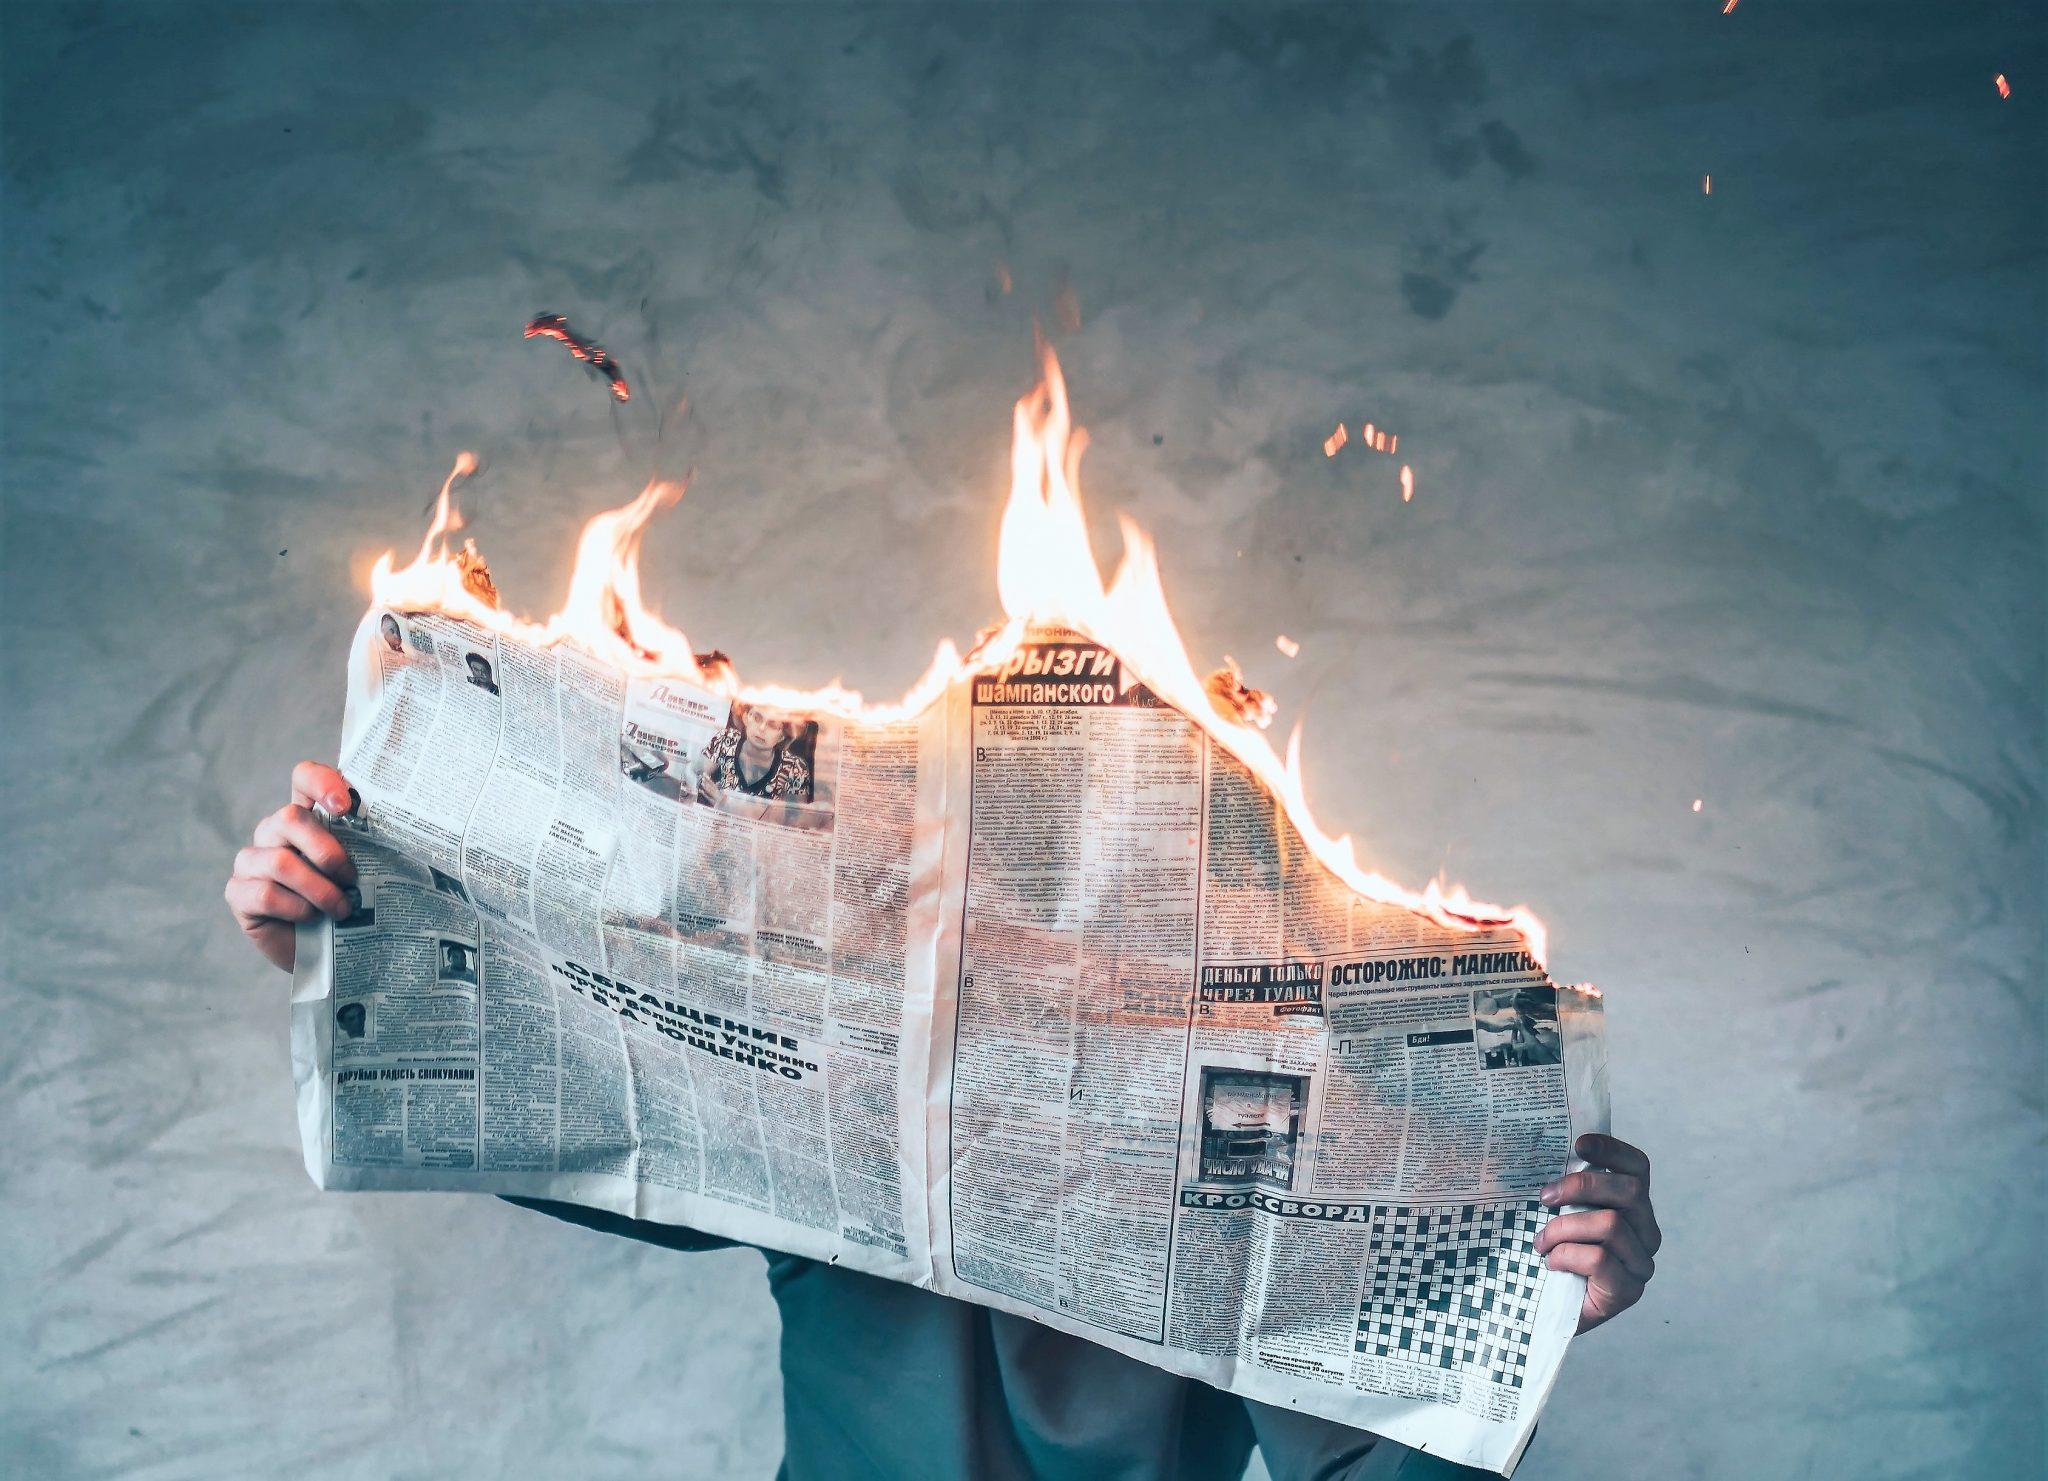 Leser mit brennender Zeitung in der Hand